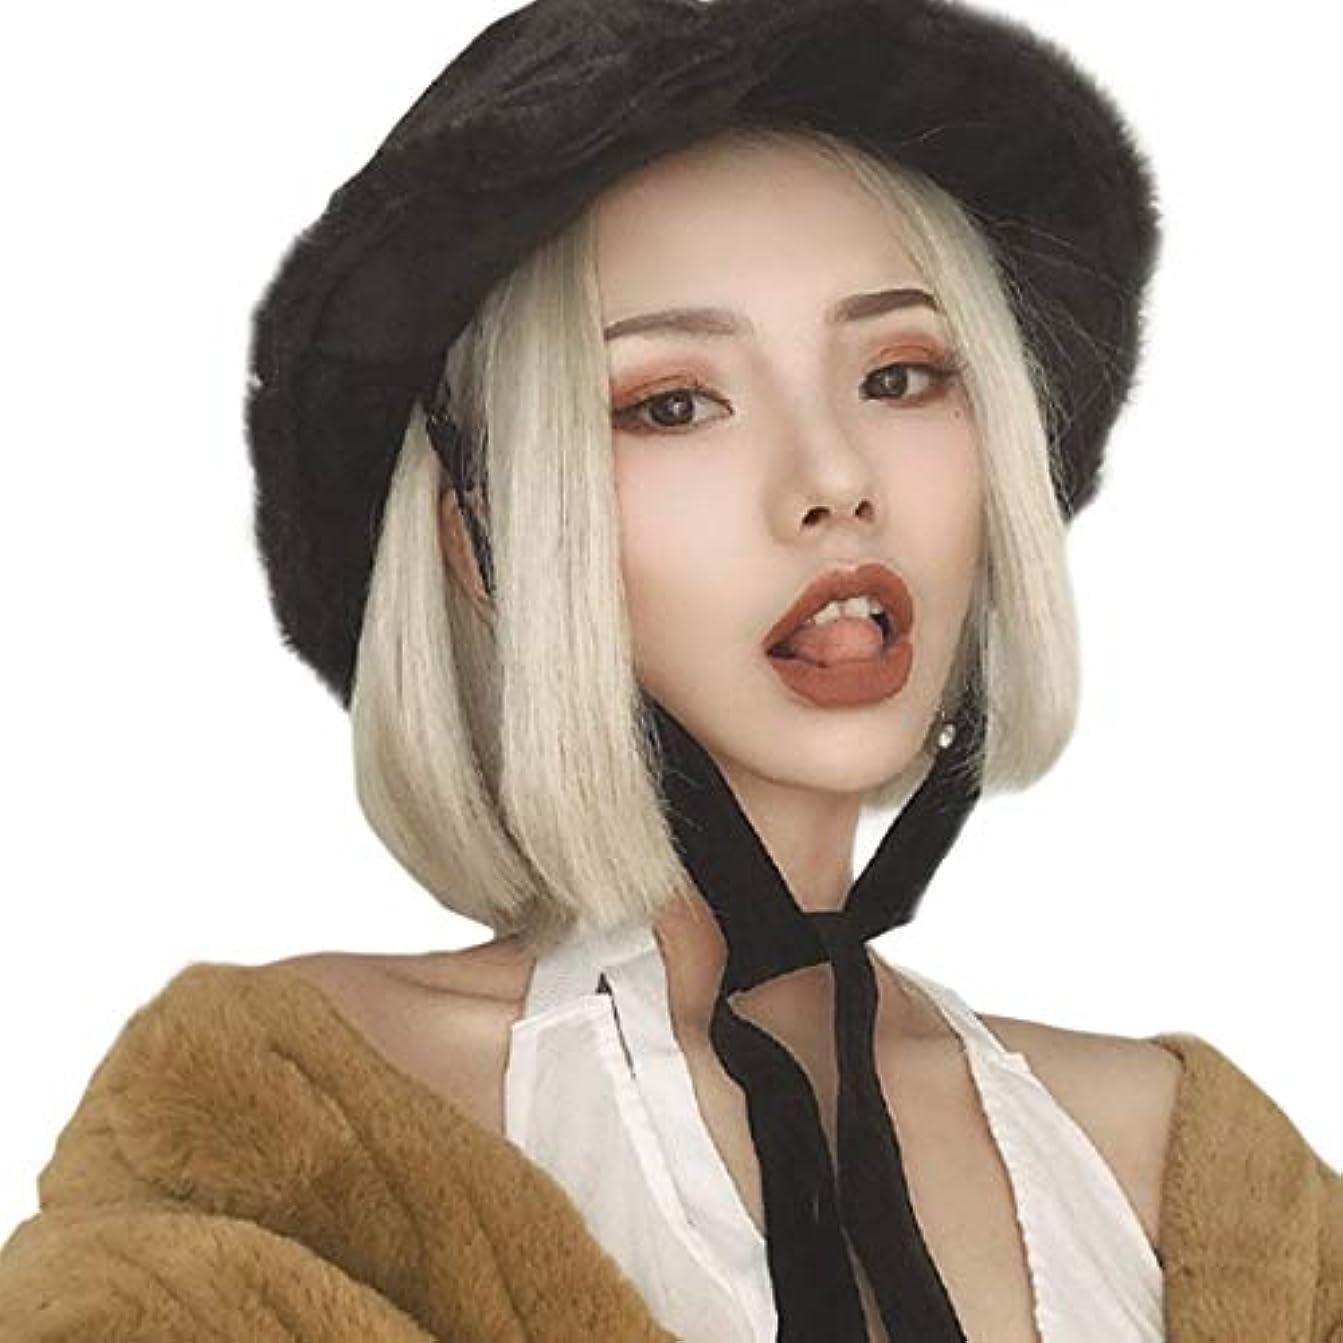 透ける欺ランドリーKerwinner ボブウィッグベージュショートストレート人工毛フルウィッグナチュラルに見える耐熱性女性用